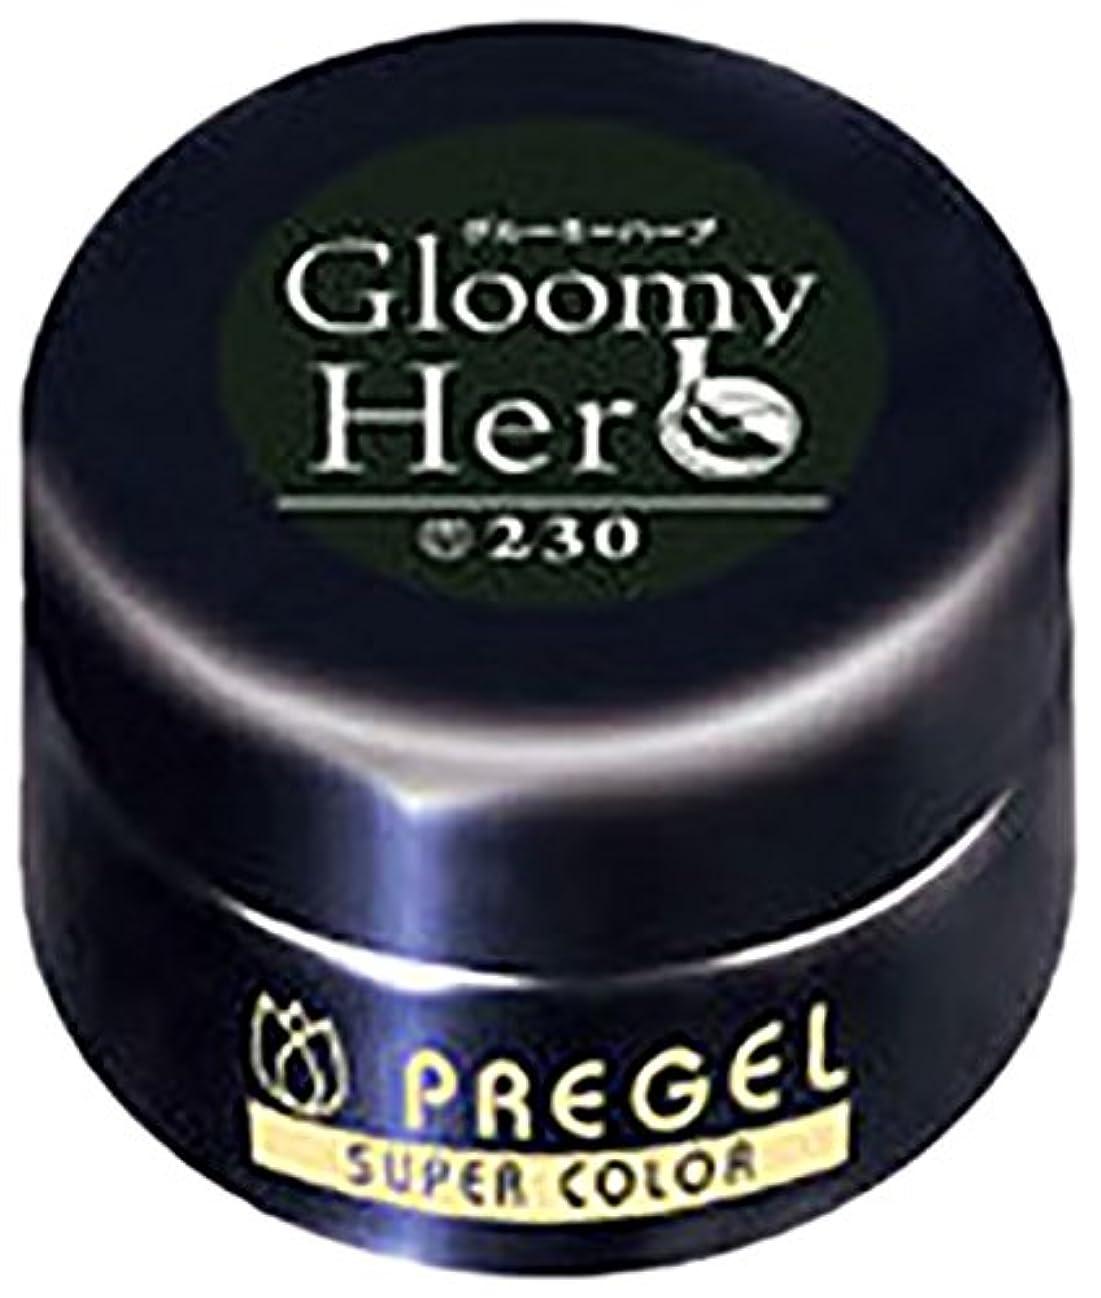 ビン美人窓プリジェル ジェルネイル スーパーカラーEX グルーミーハーブ 4g PG-SE230